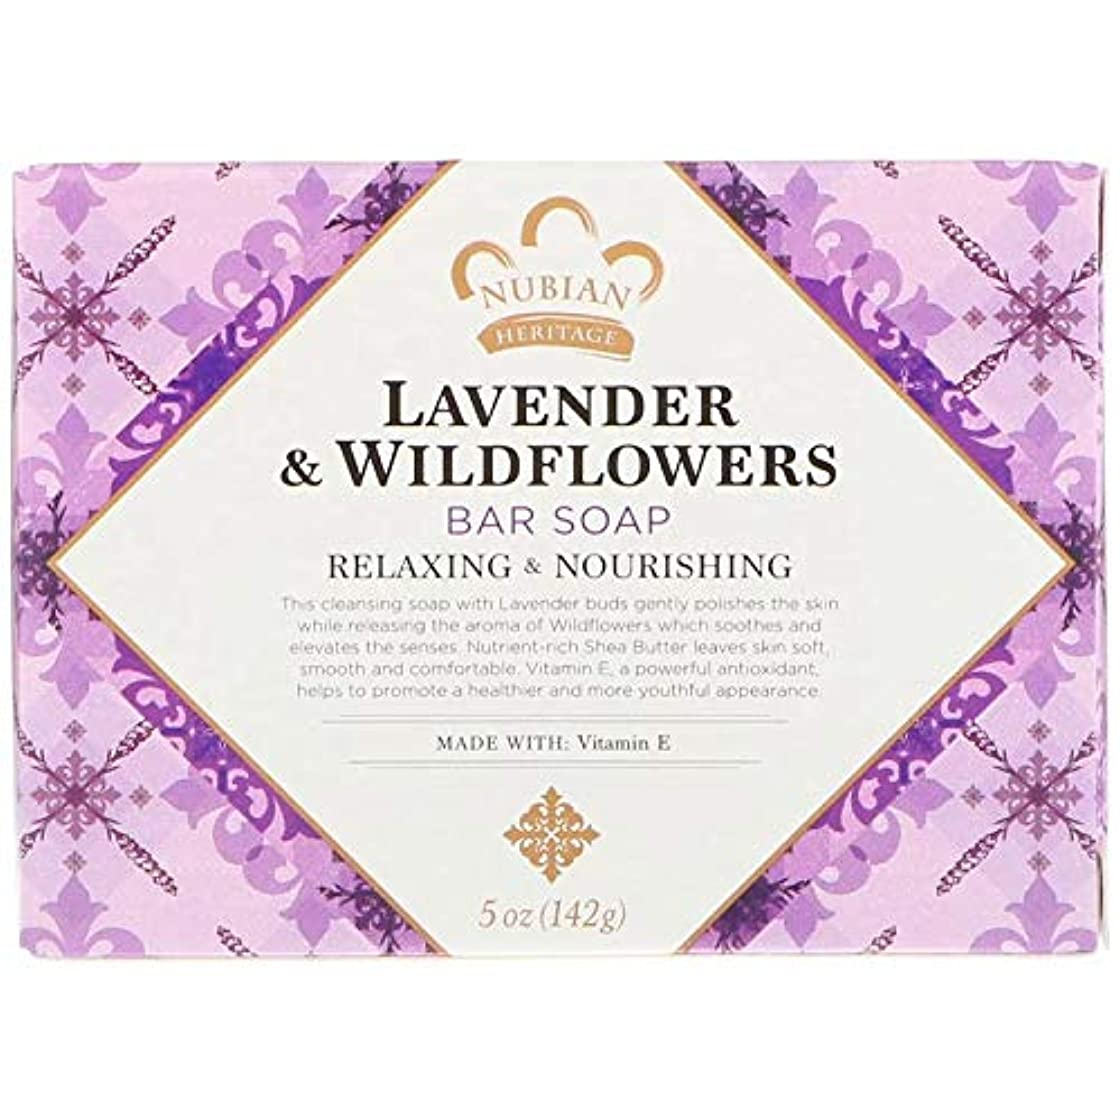 観光見捨てられた人シアバターソープ石鹸 ラベンダー&ワイルドフラワー Lavender & Wildflowers Bar Soap, 5 oz (142 g) [並行輸入品]